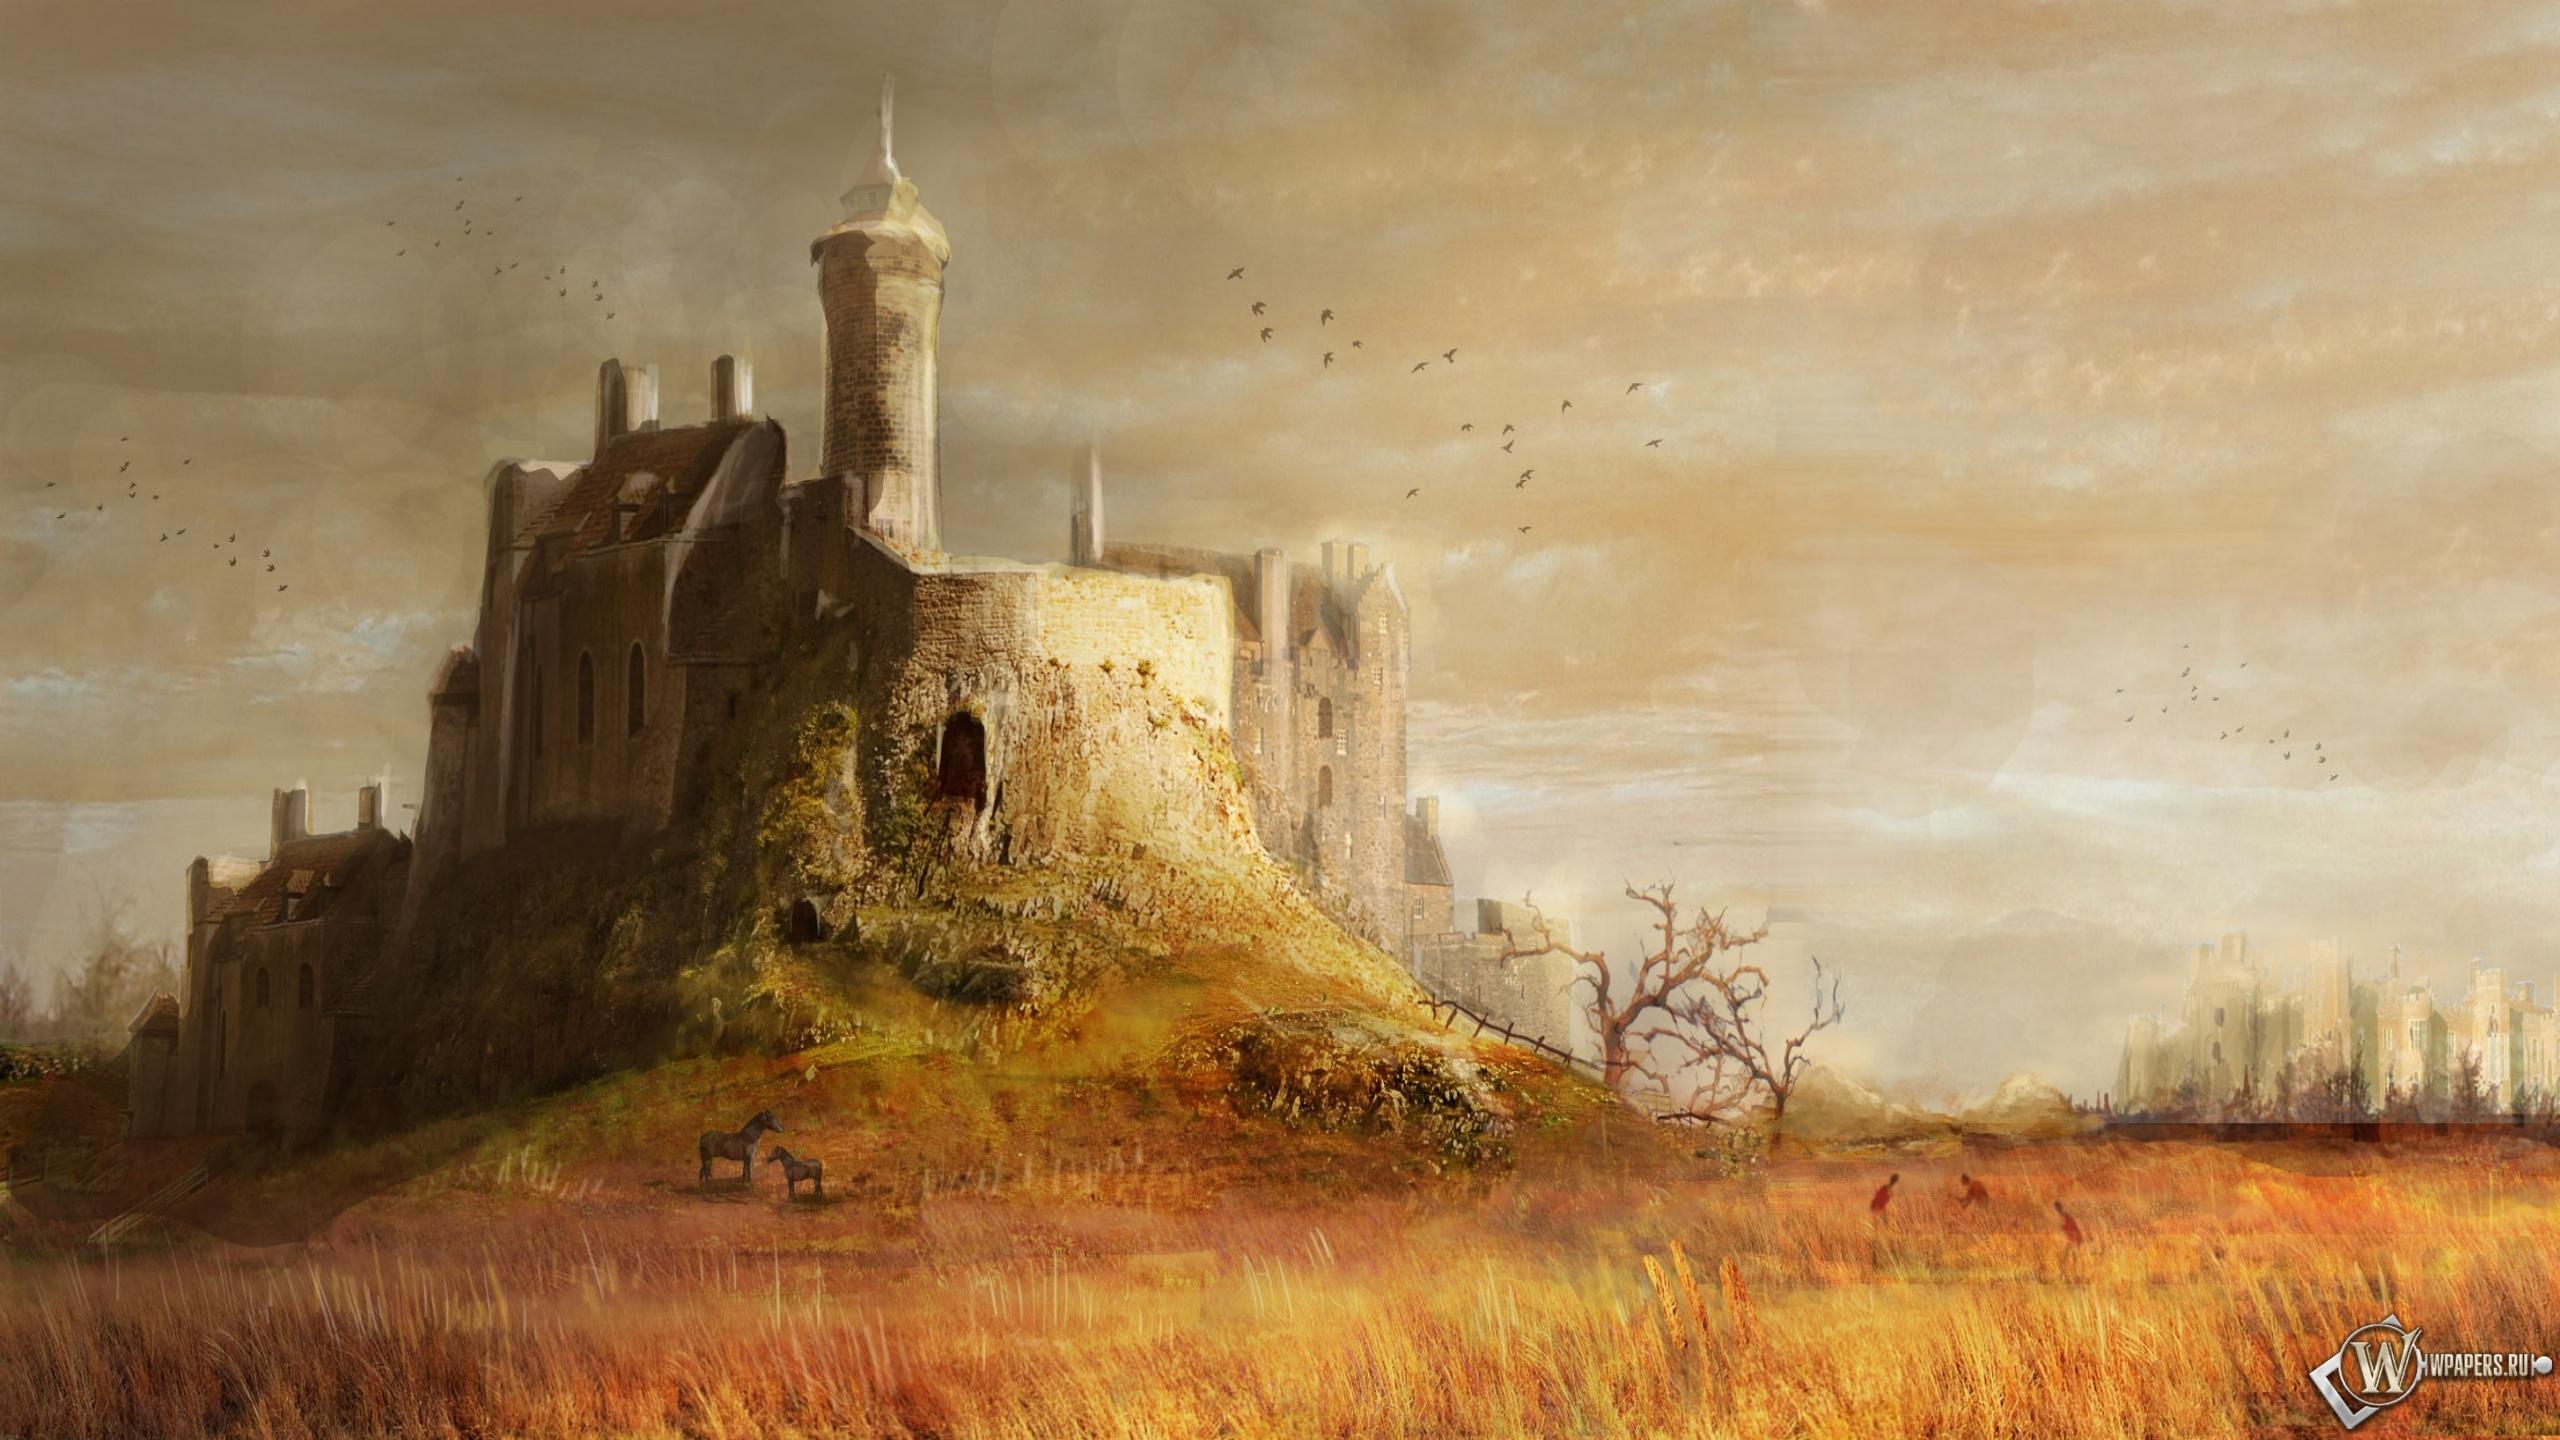 Средневековый замок 2560x1440